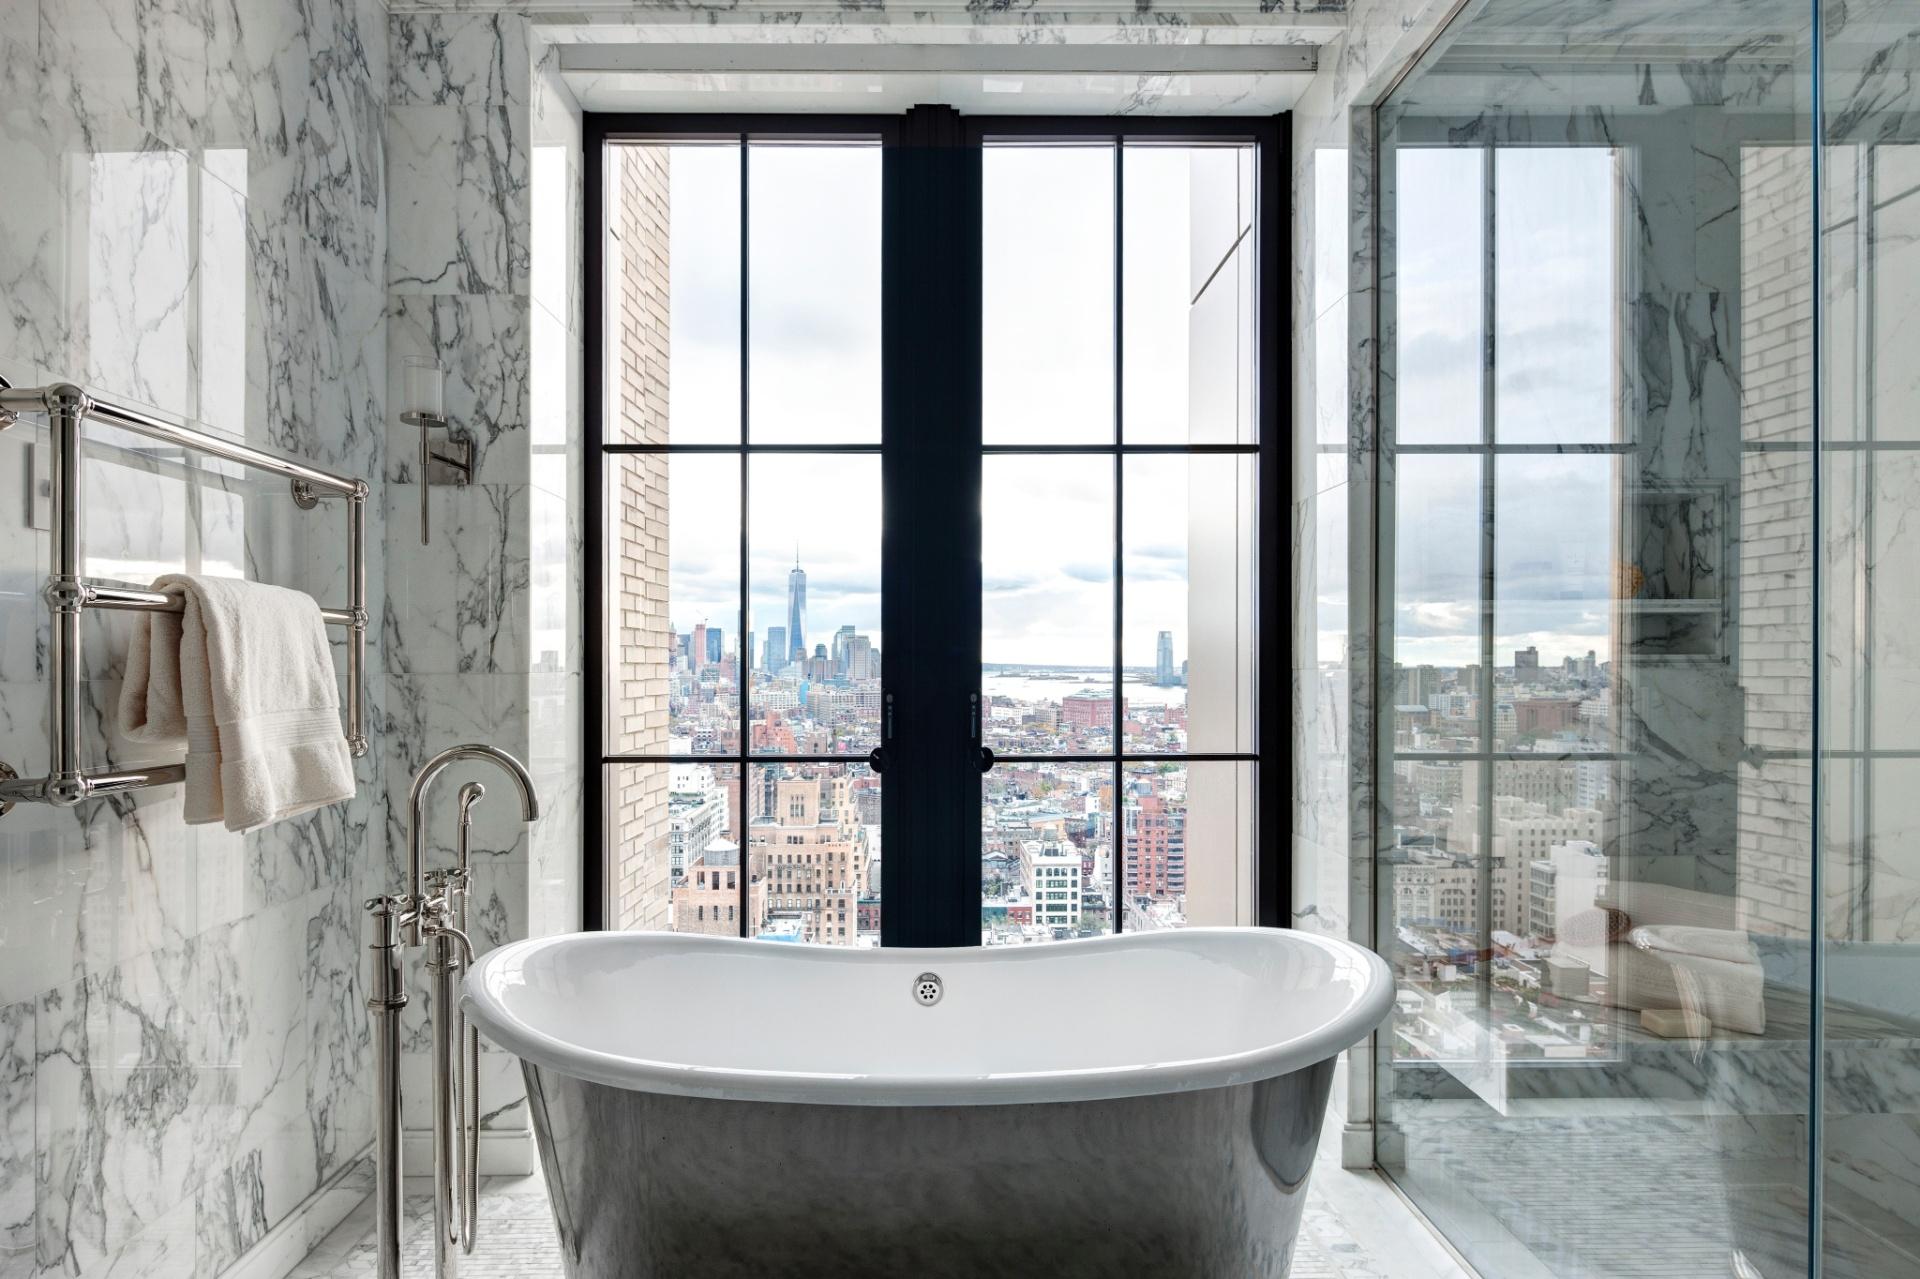 No edifício Walker Tower, localizado na rua 18th West, o banheiro da cobertura é revestido por mármore e tem portas-balcão com envidraçamento generoso. Em frente a uma delas, está posicionada uma elegante banheira com acabamento externo metálico. Ao fundo, na paisagem, é possível avistar o rio Hudson e, à esquerda, uma das torres do novo World Trace Center - Imagem do NYT, usar apenas no respectivo material